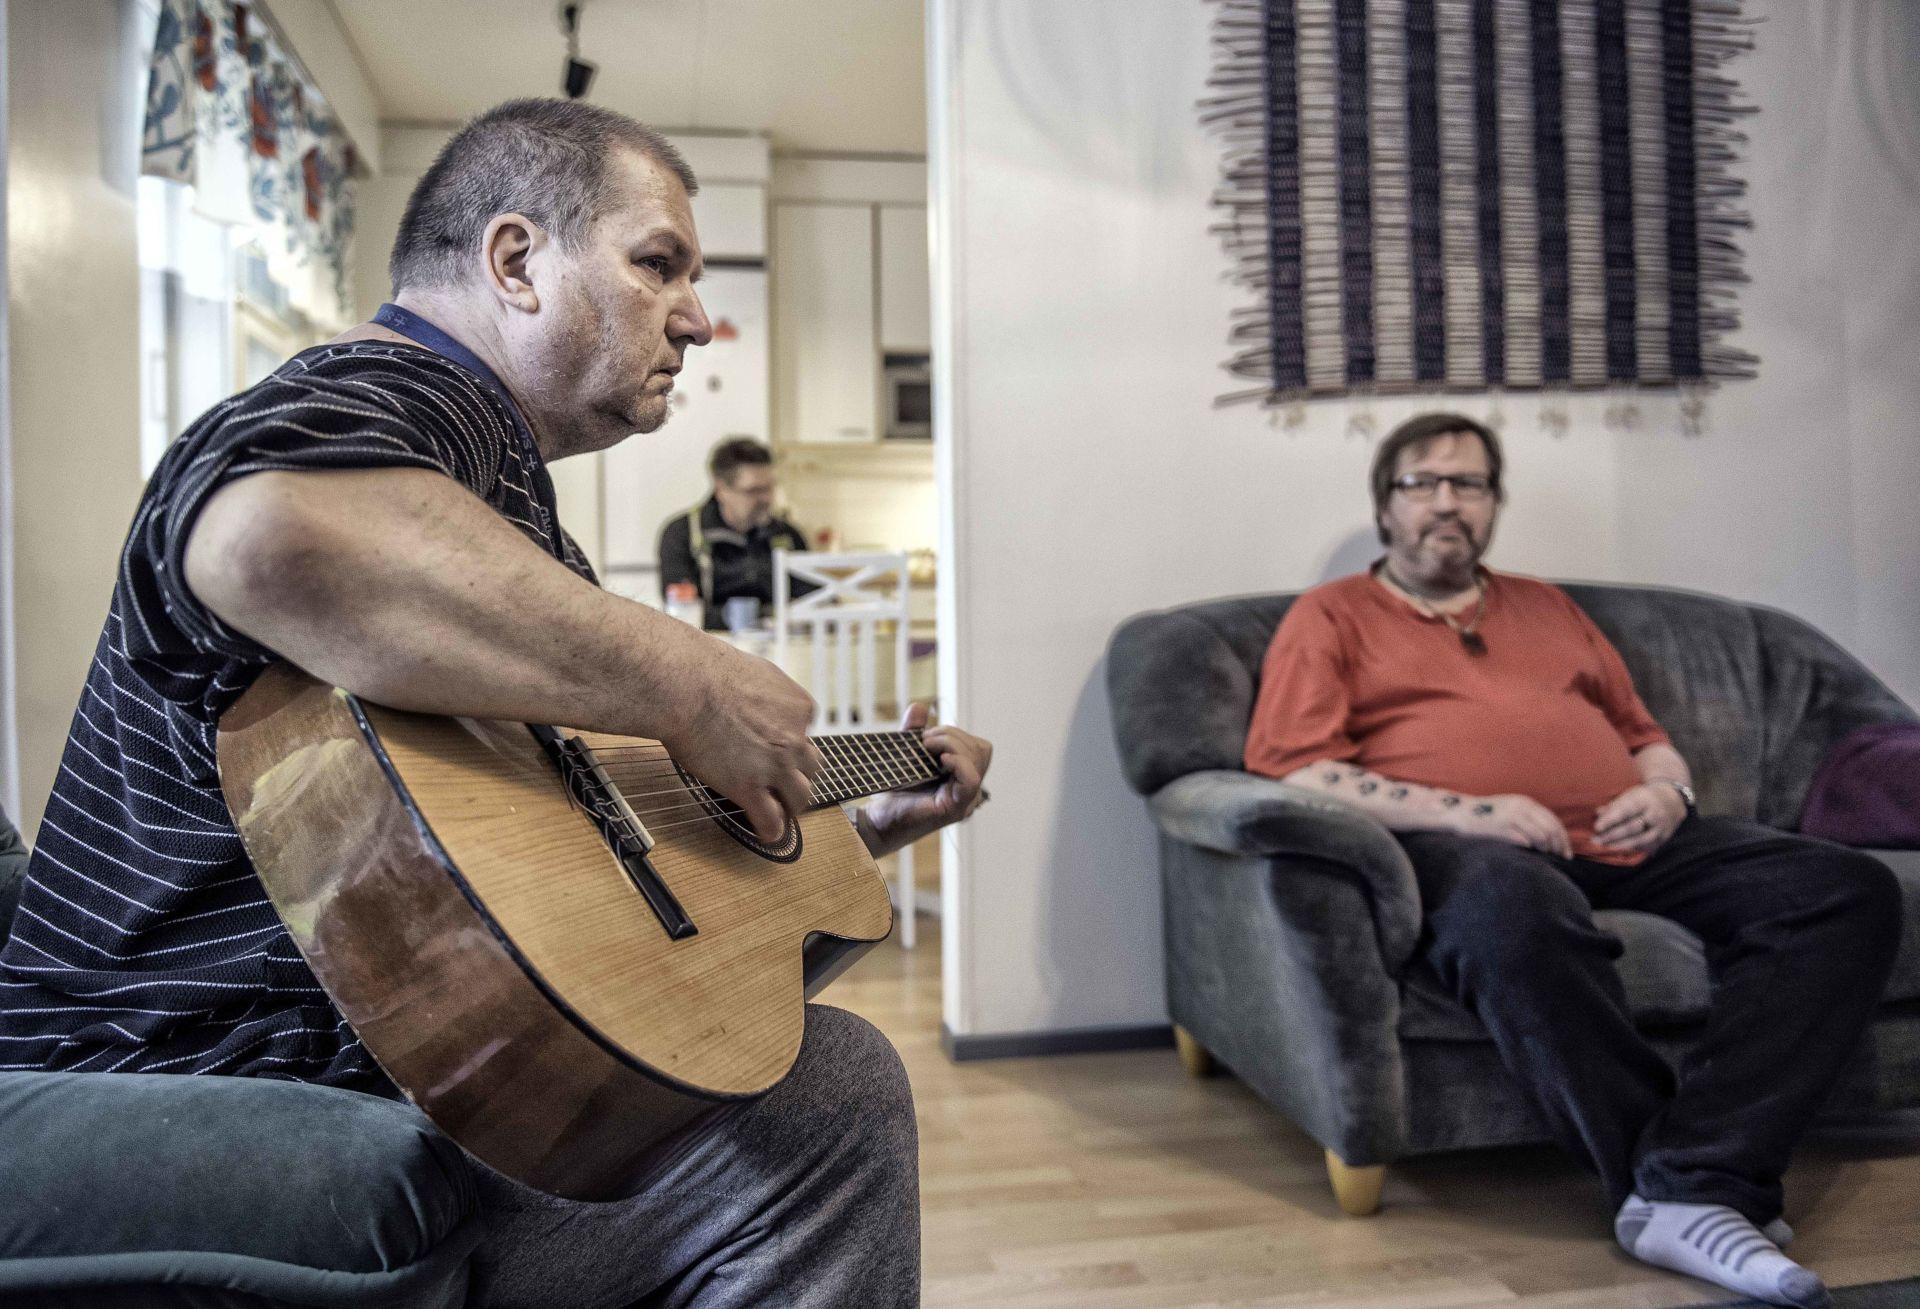 Mies soittaa kitaraa, toisen katsoessa toiselta sohvalta.